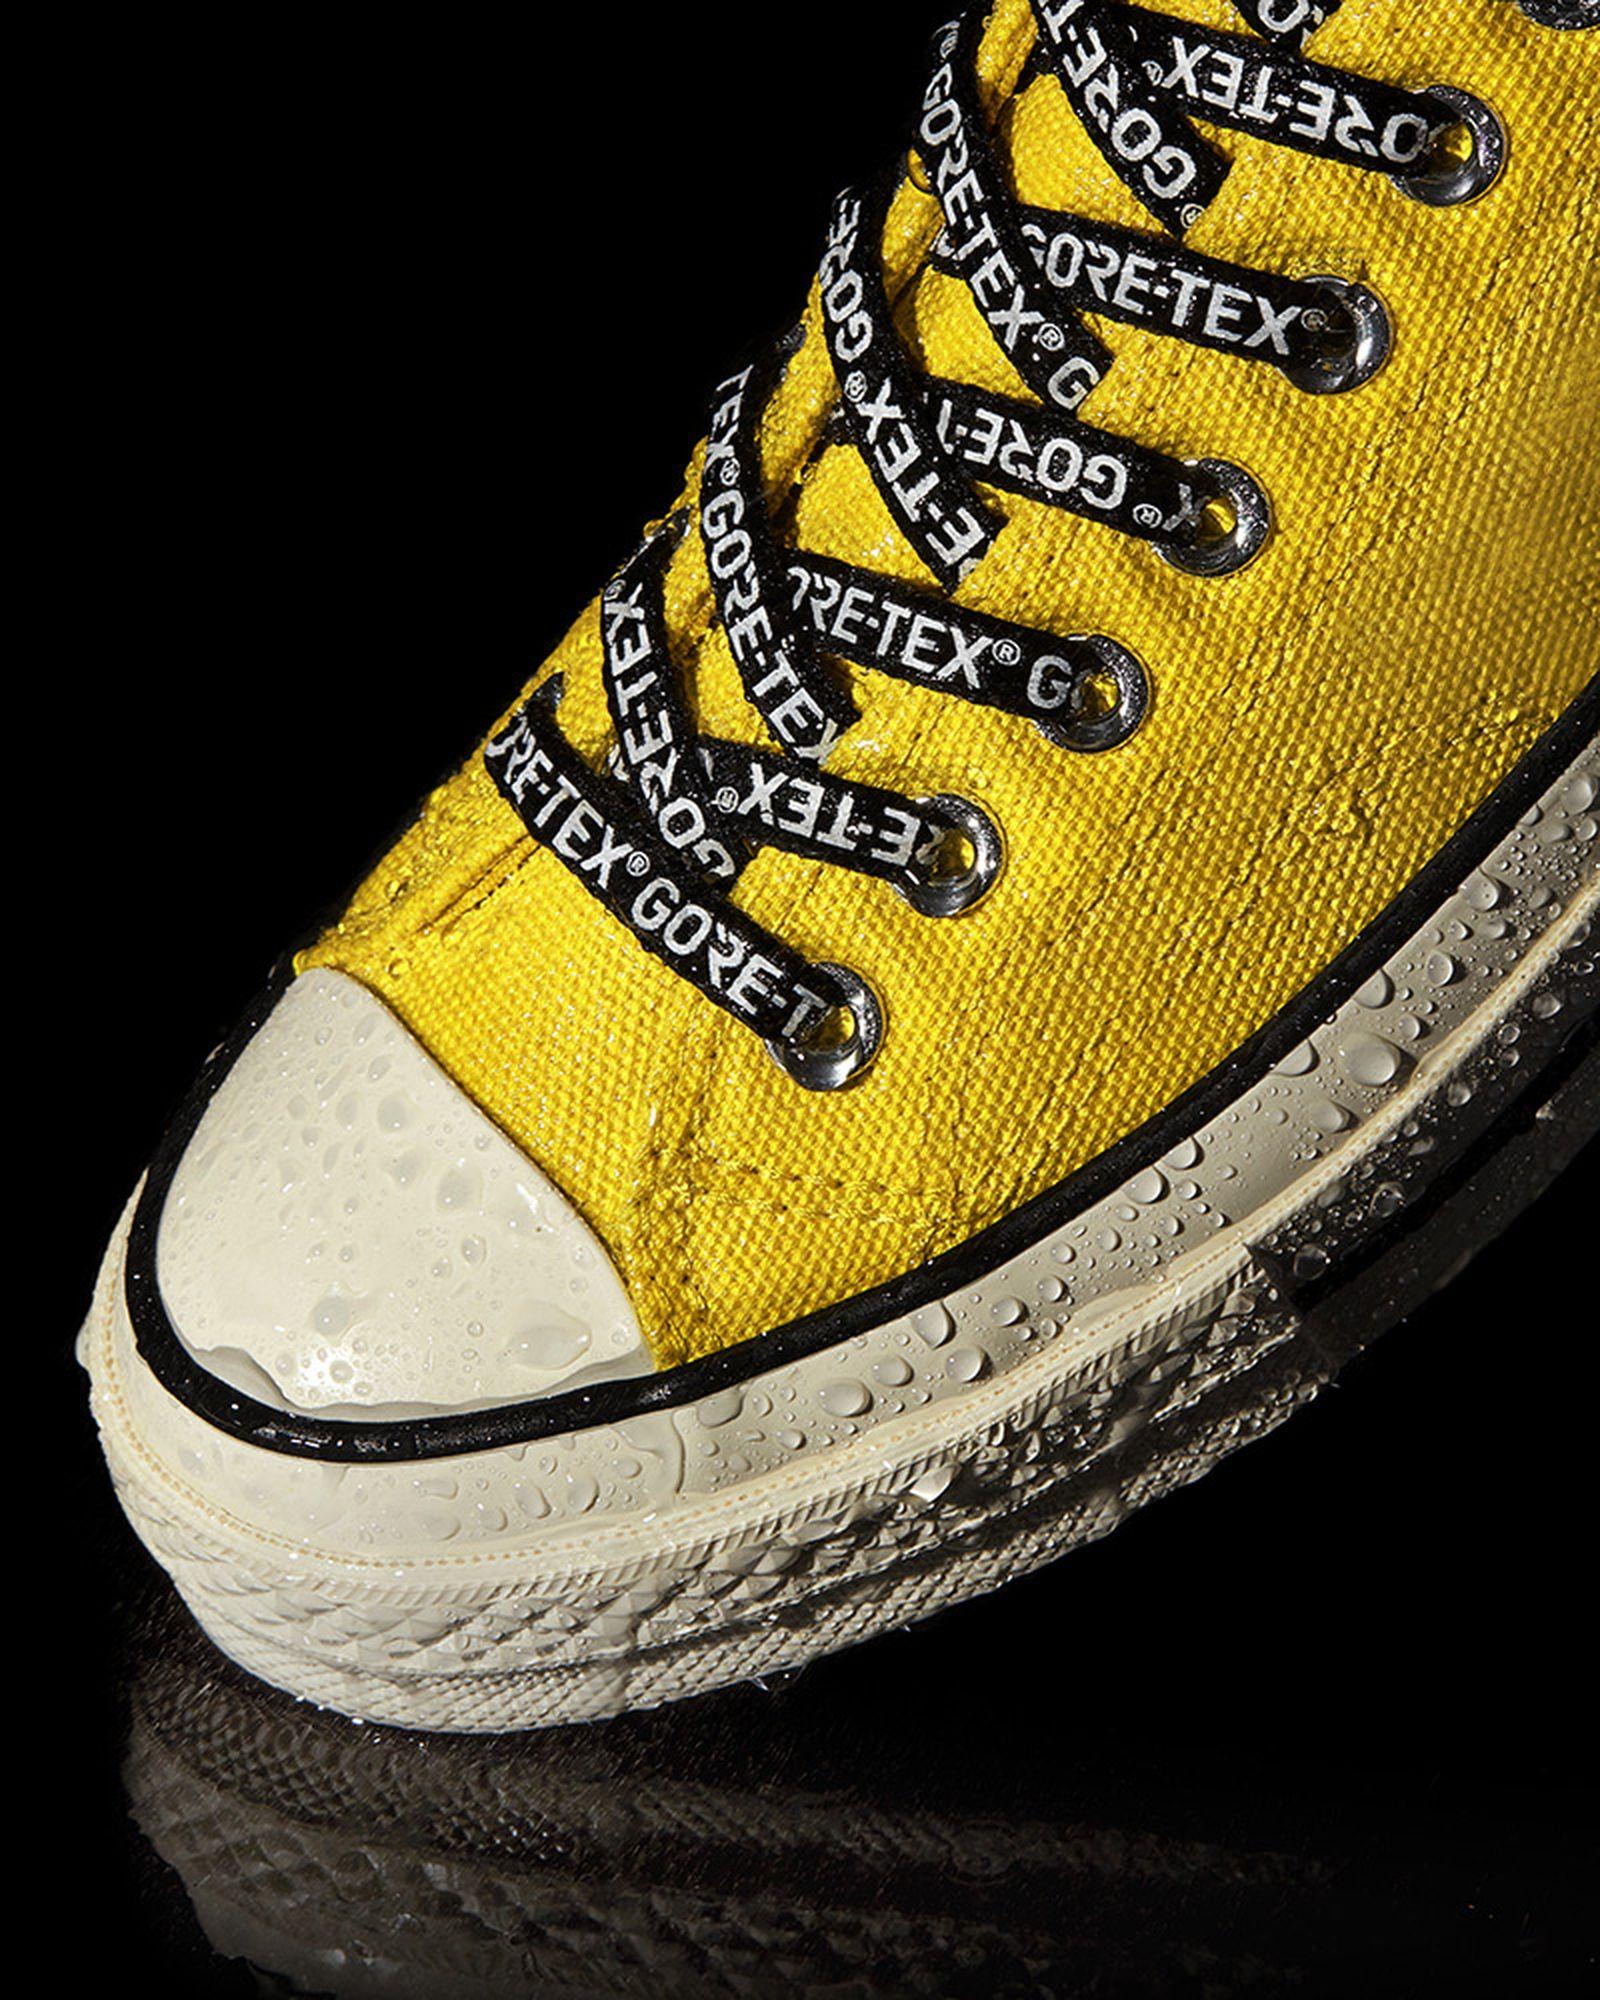 converse chuck 70 gore tex release date price second drop gore-tex